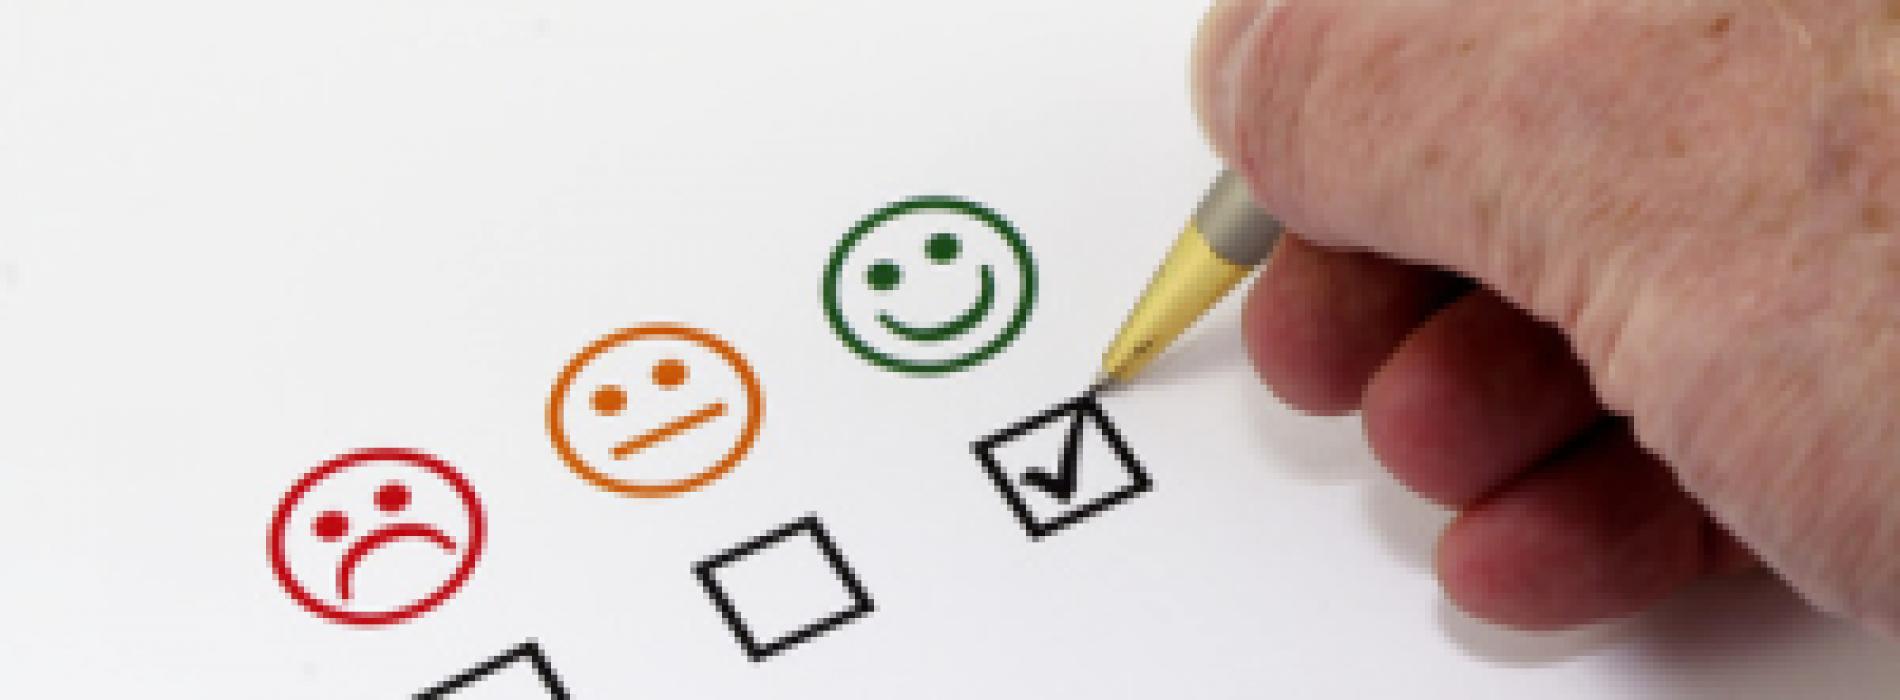 Forschungen zur Kundenzufriedenheit